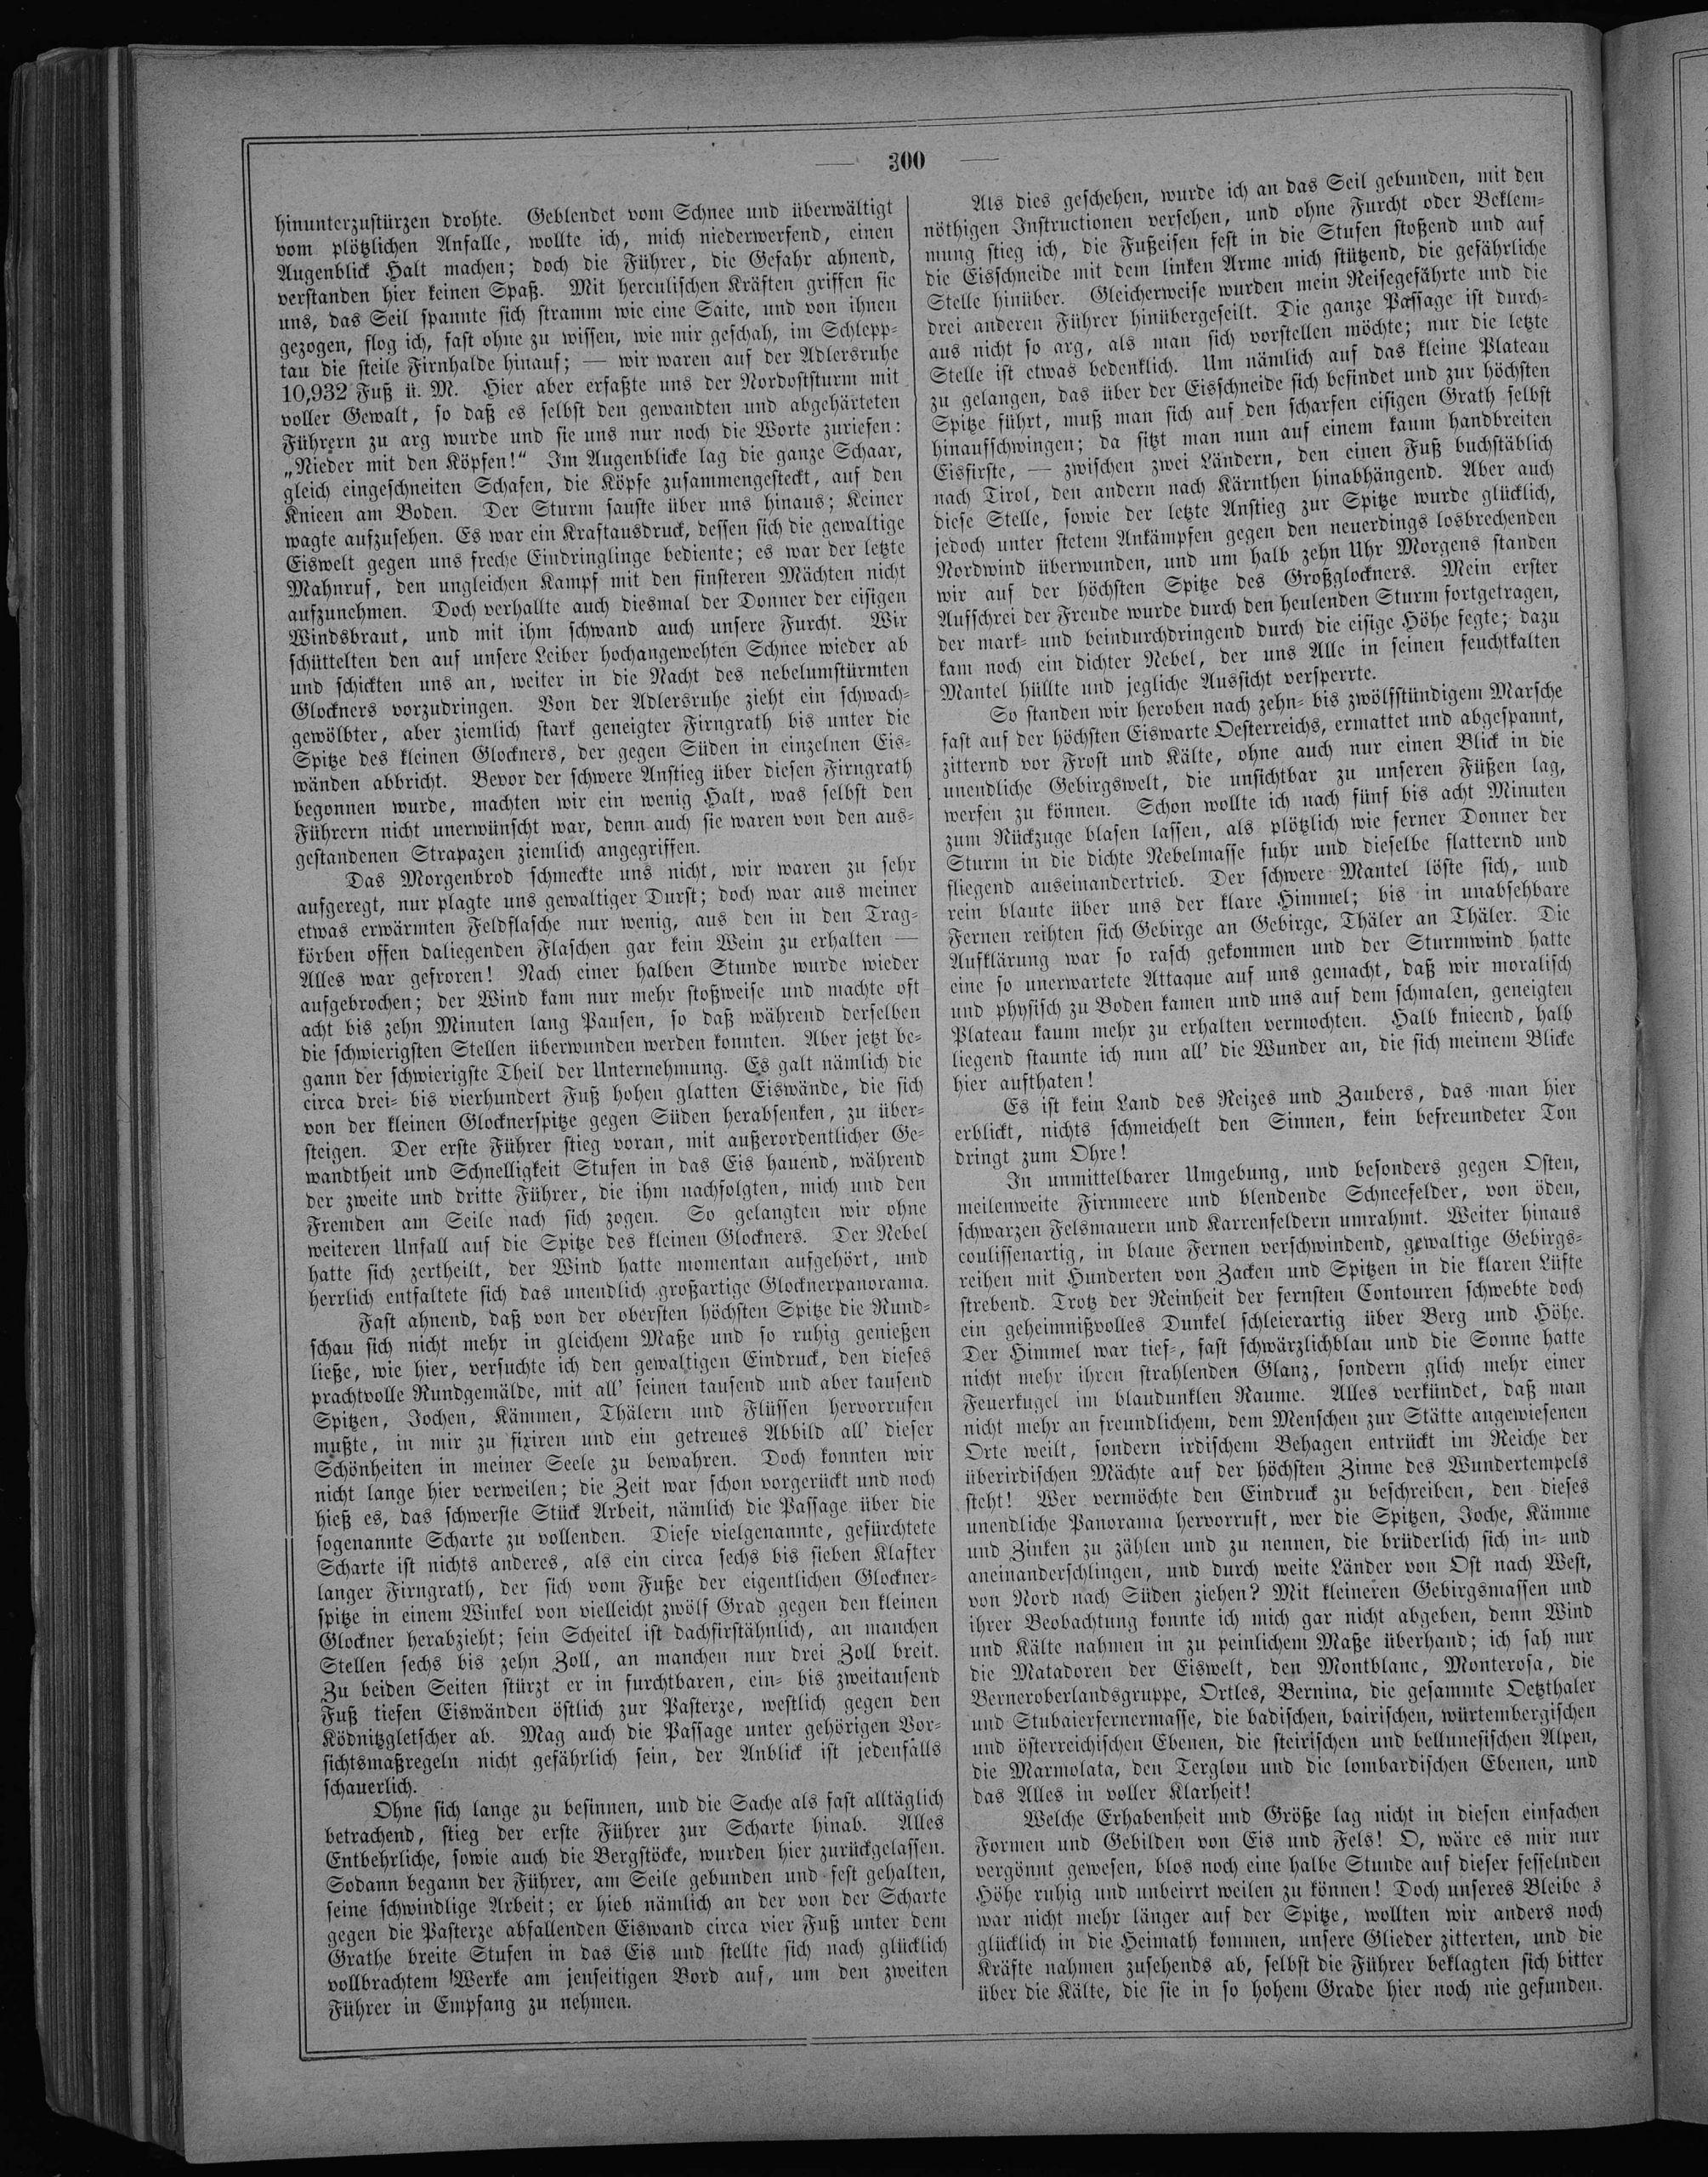 Zeitschrift Garten Einzigartig File Die Gartenlaube 1871 300 Wikimedia Mons